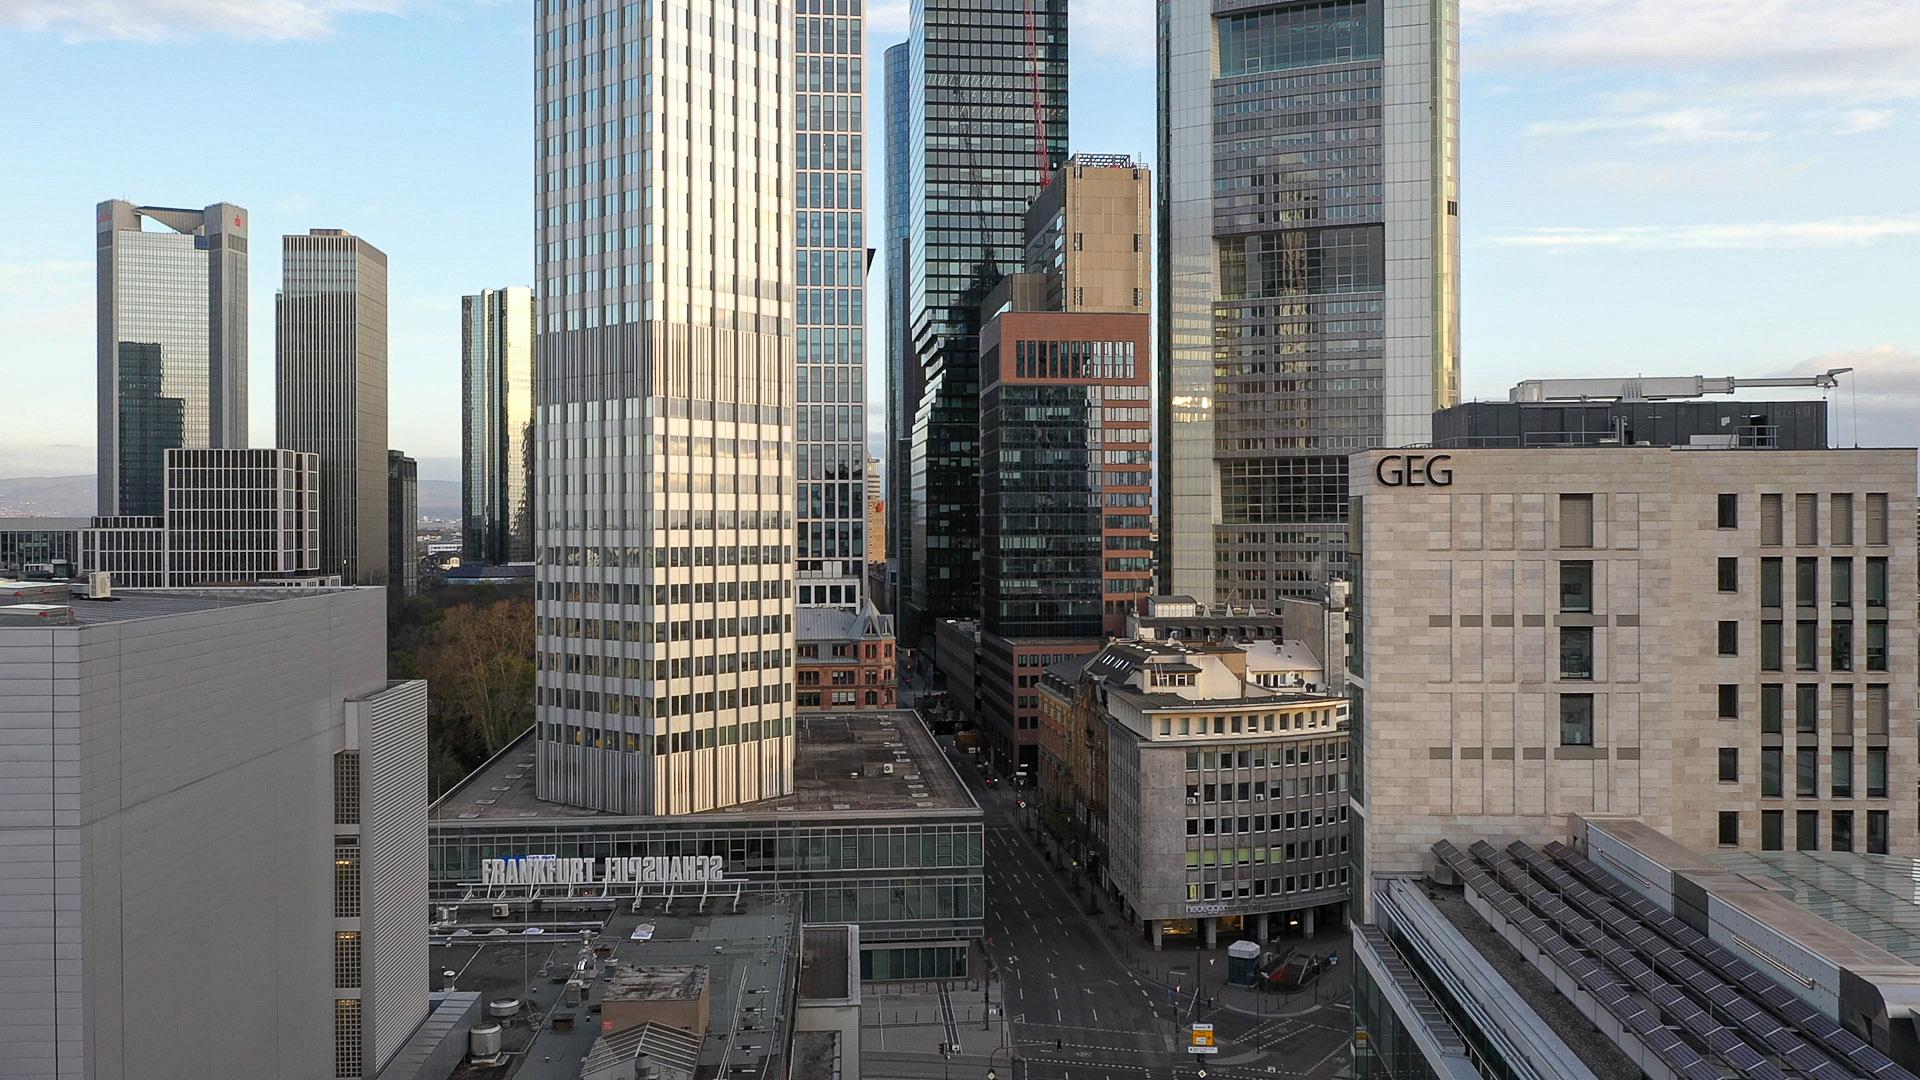 Frankfurt Bankenviertel Panorama - Neue Mainzer Straße - EZB - Bankenklamm